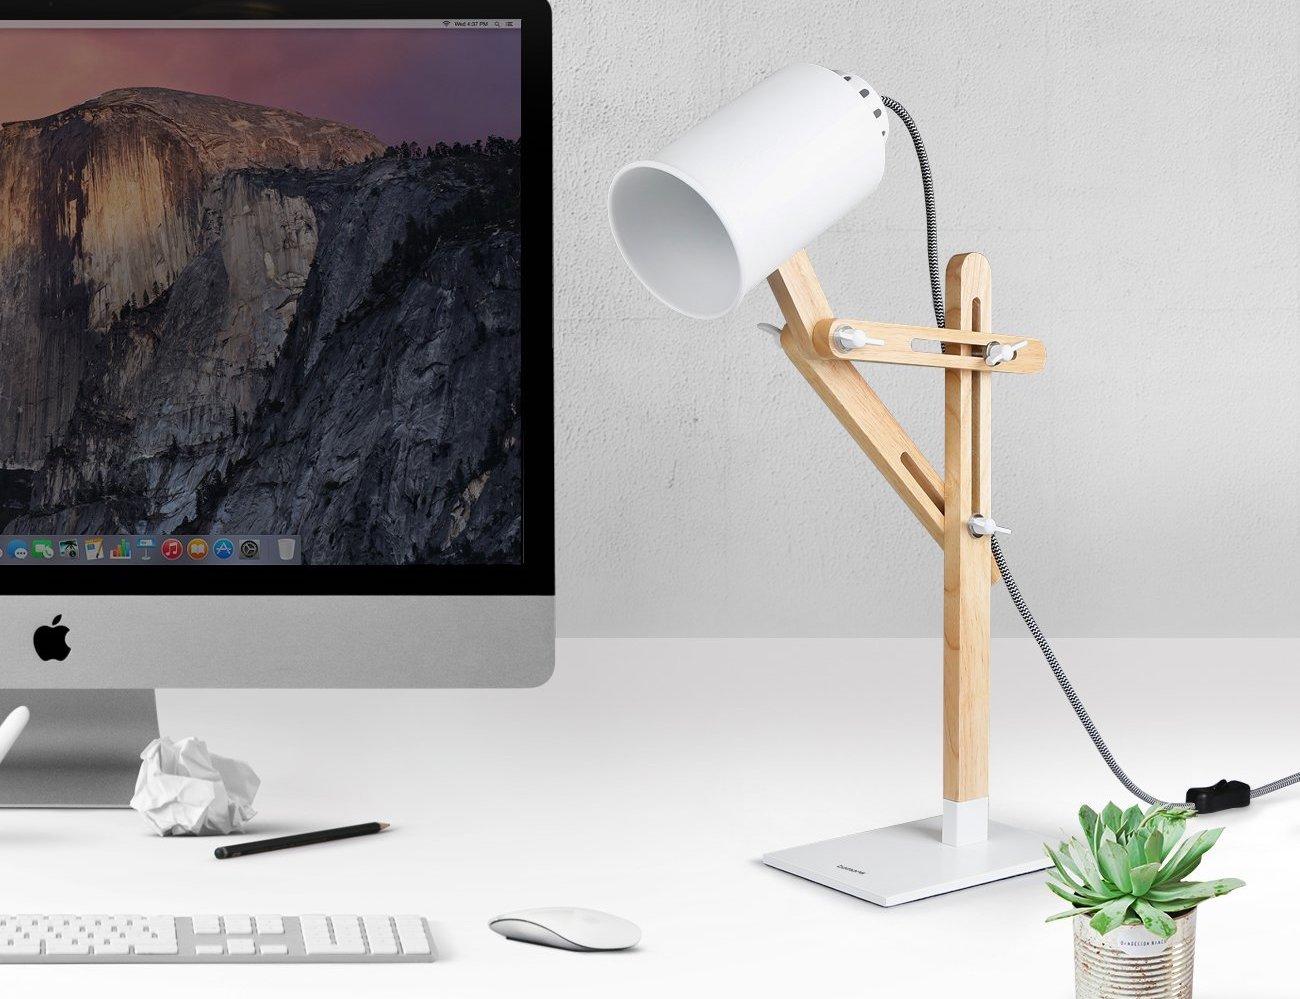 Wooden desk lamp -  Tomons Led Multi Angle Wood Desk Lamp